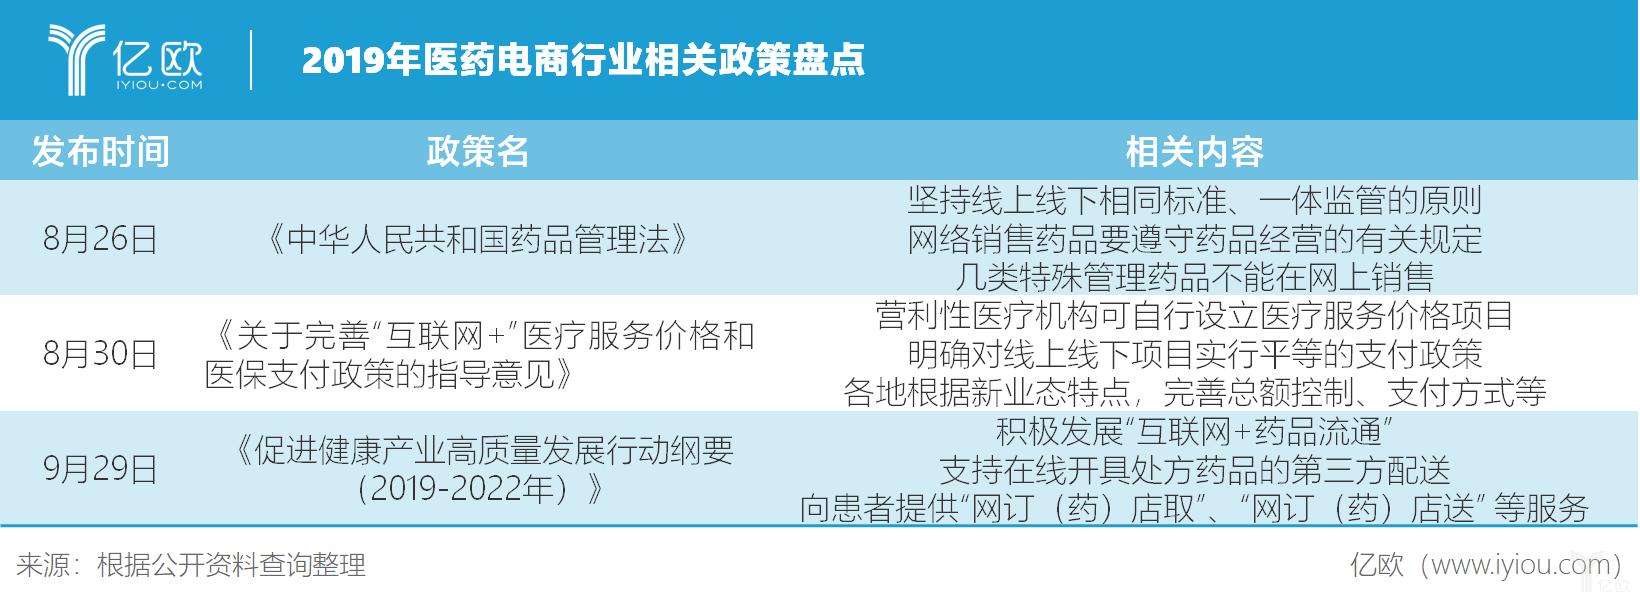 2019年医药电商行业相关政策盘点